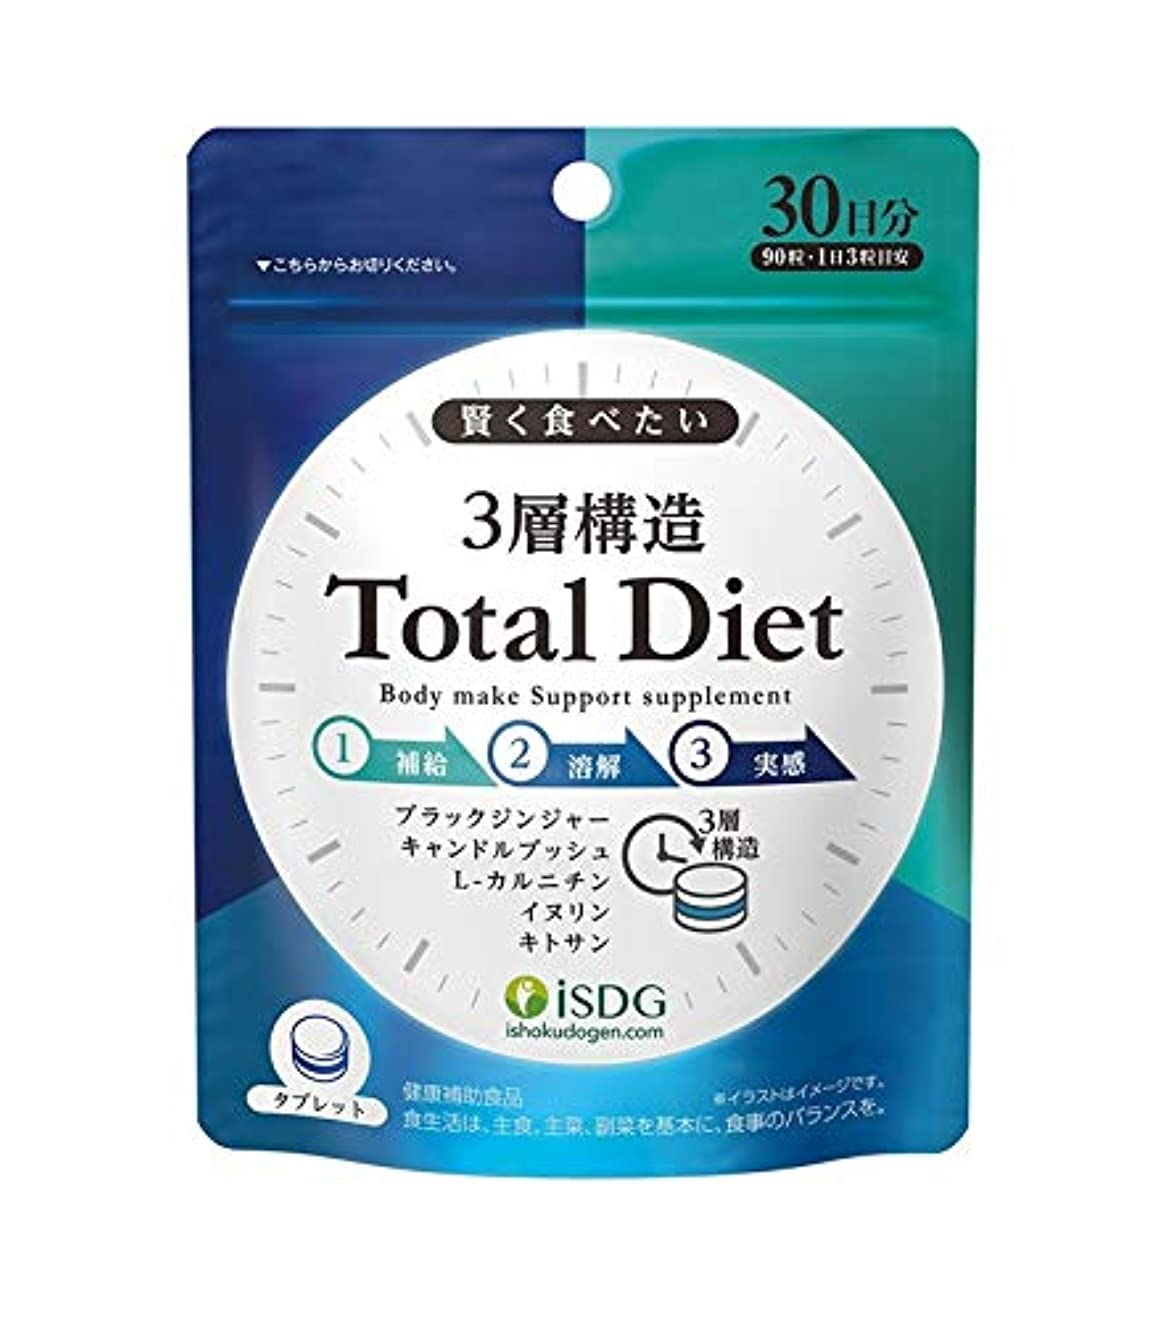 不振コインから聞く医食同源 3層構造Total Diet 90粒